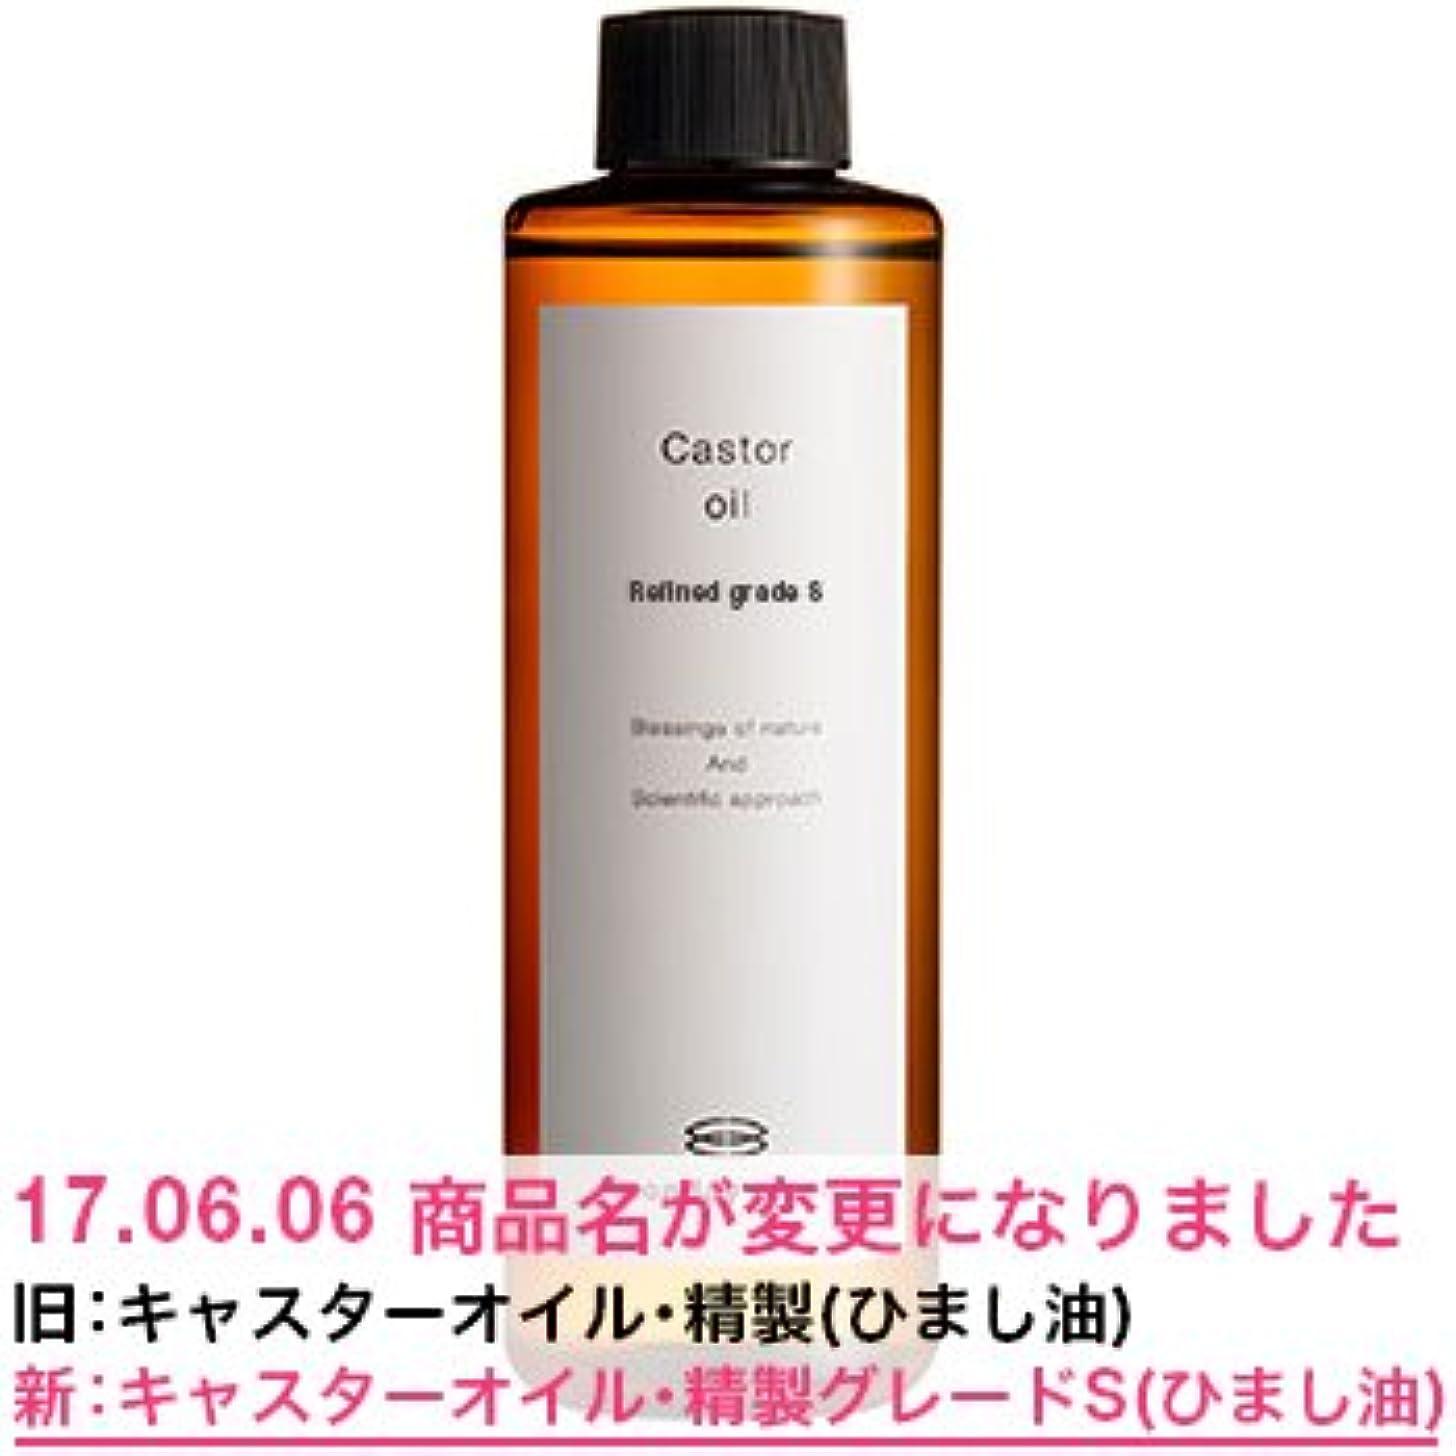 マーティンルーサーキングジュニア適切に性的キャスターオイル?精製グレードS(ひまし油)/200ml